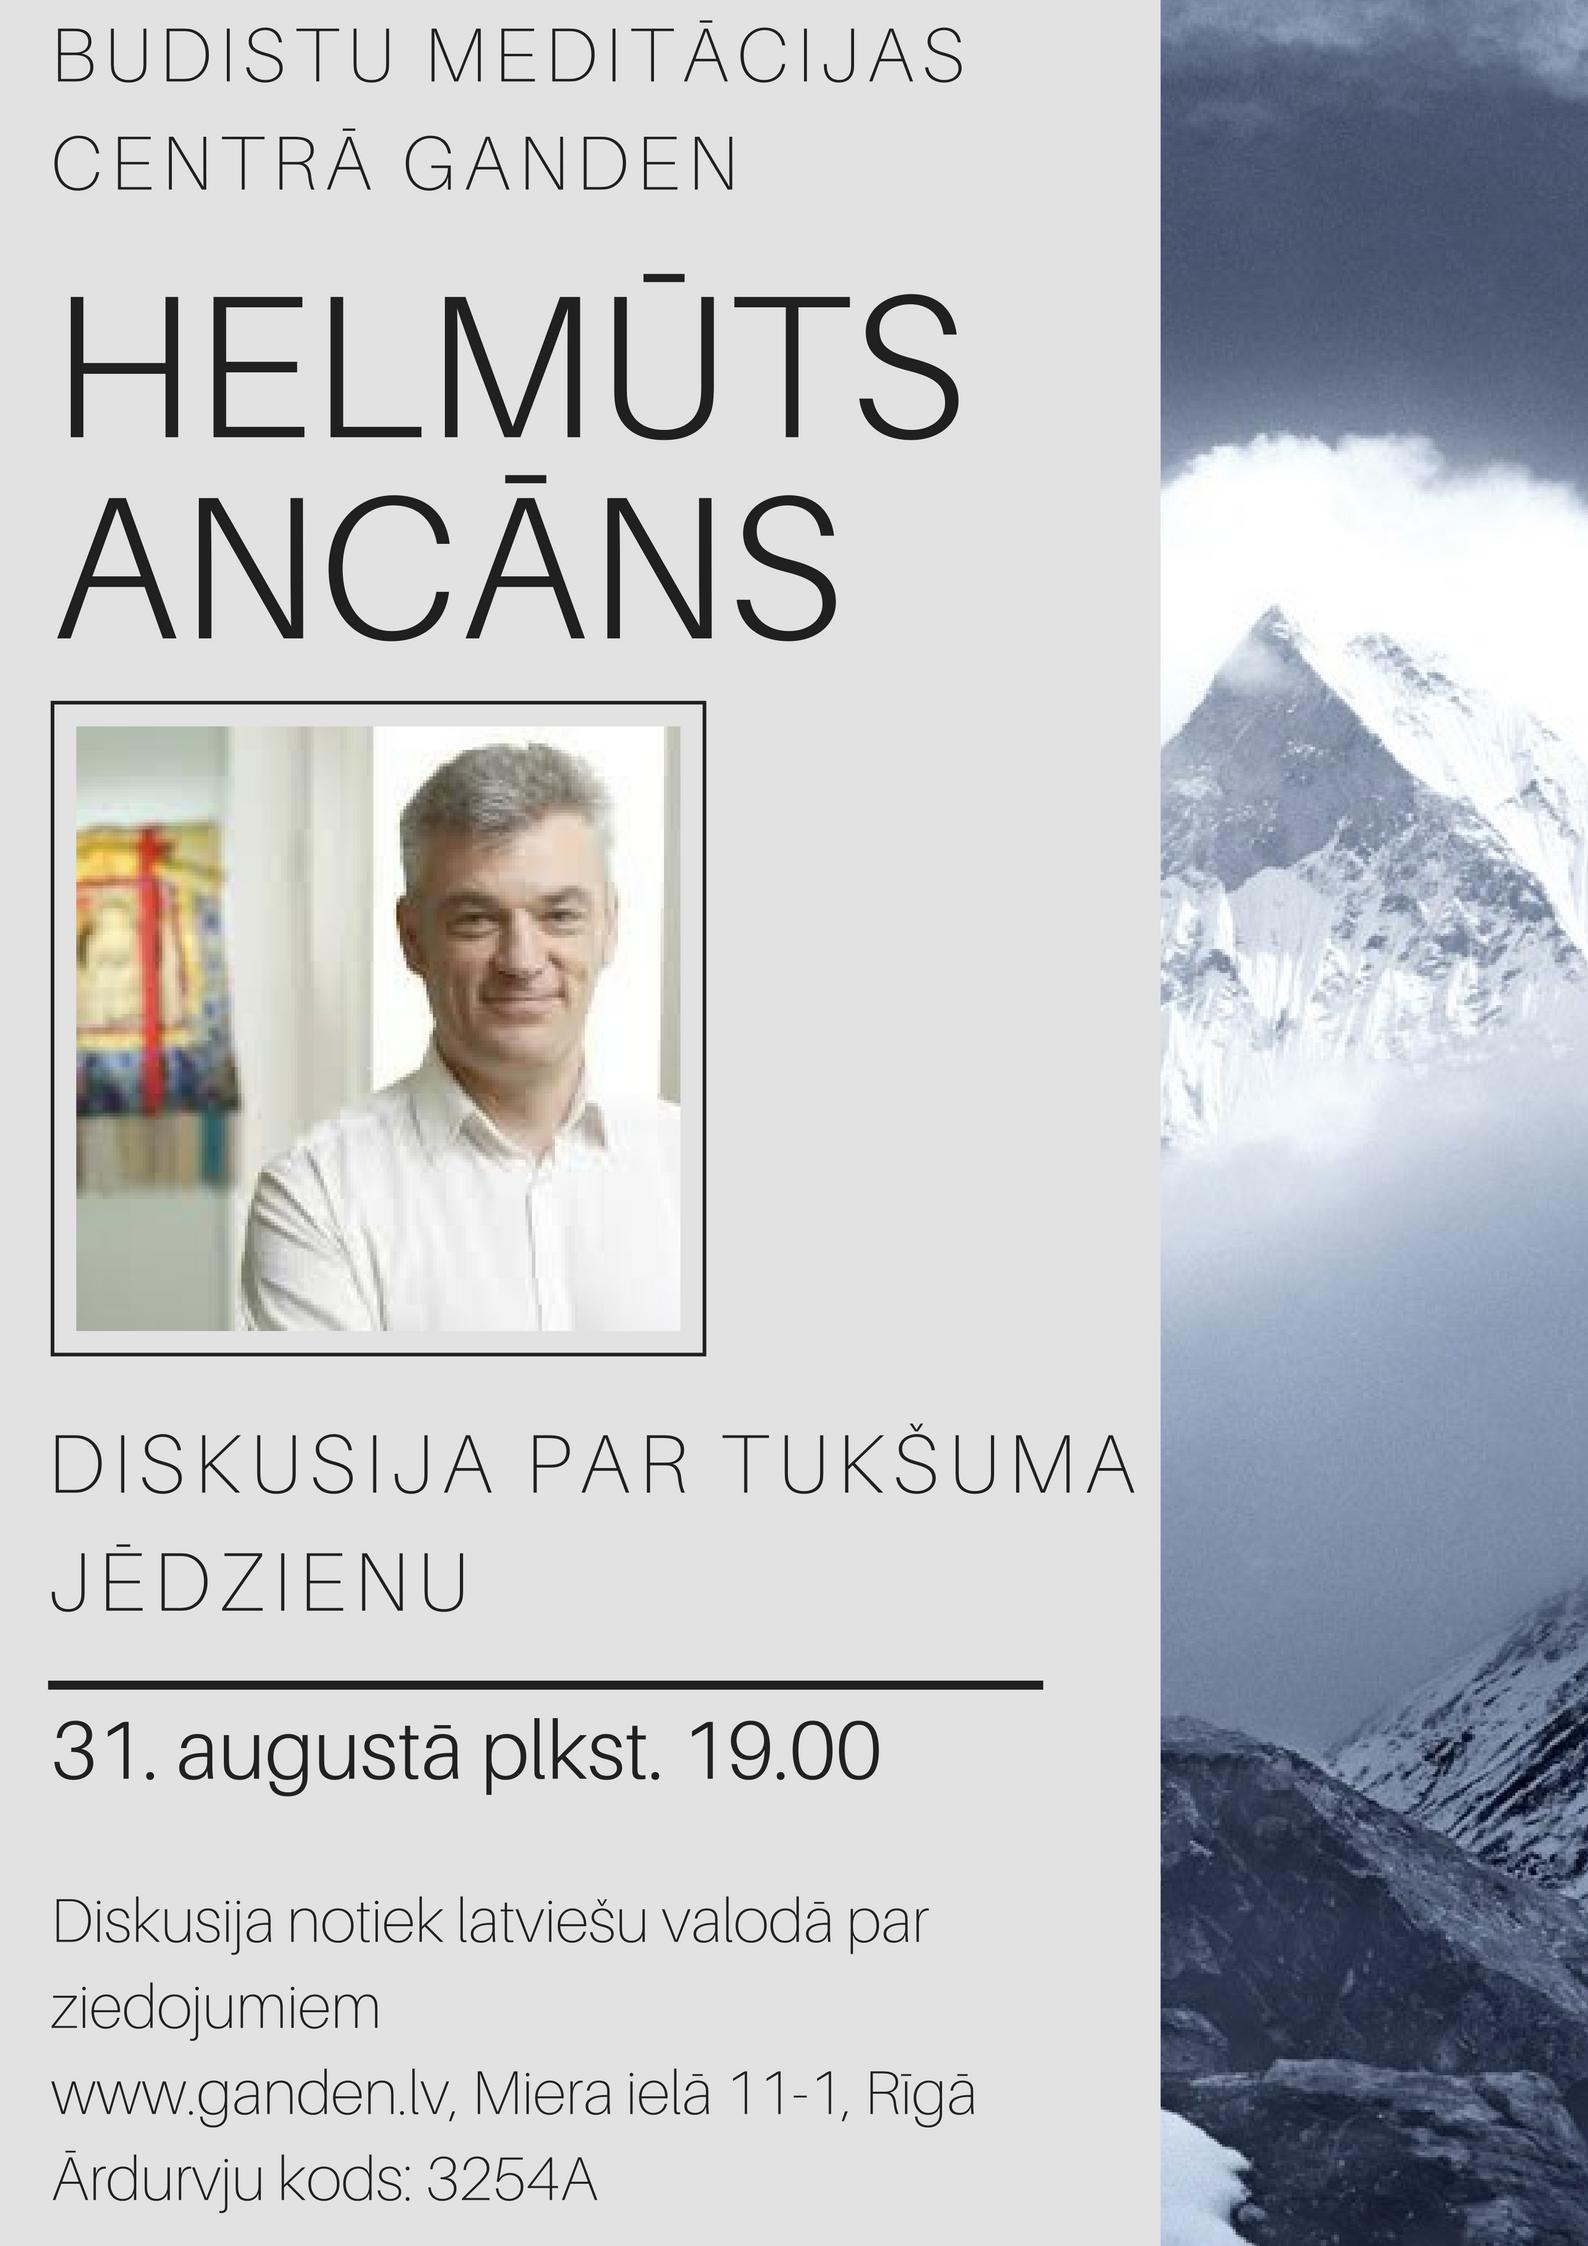 31.08. Tukšuma diskusija